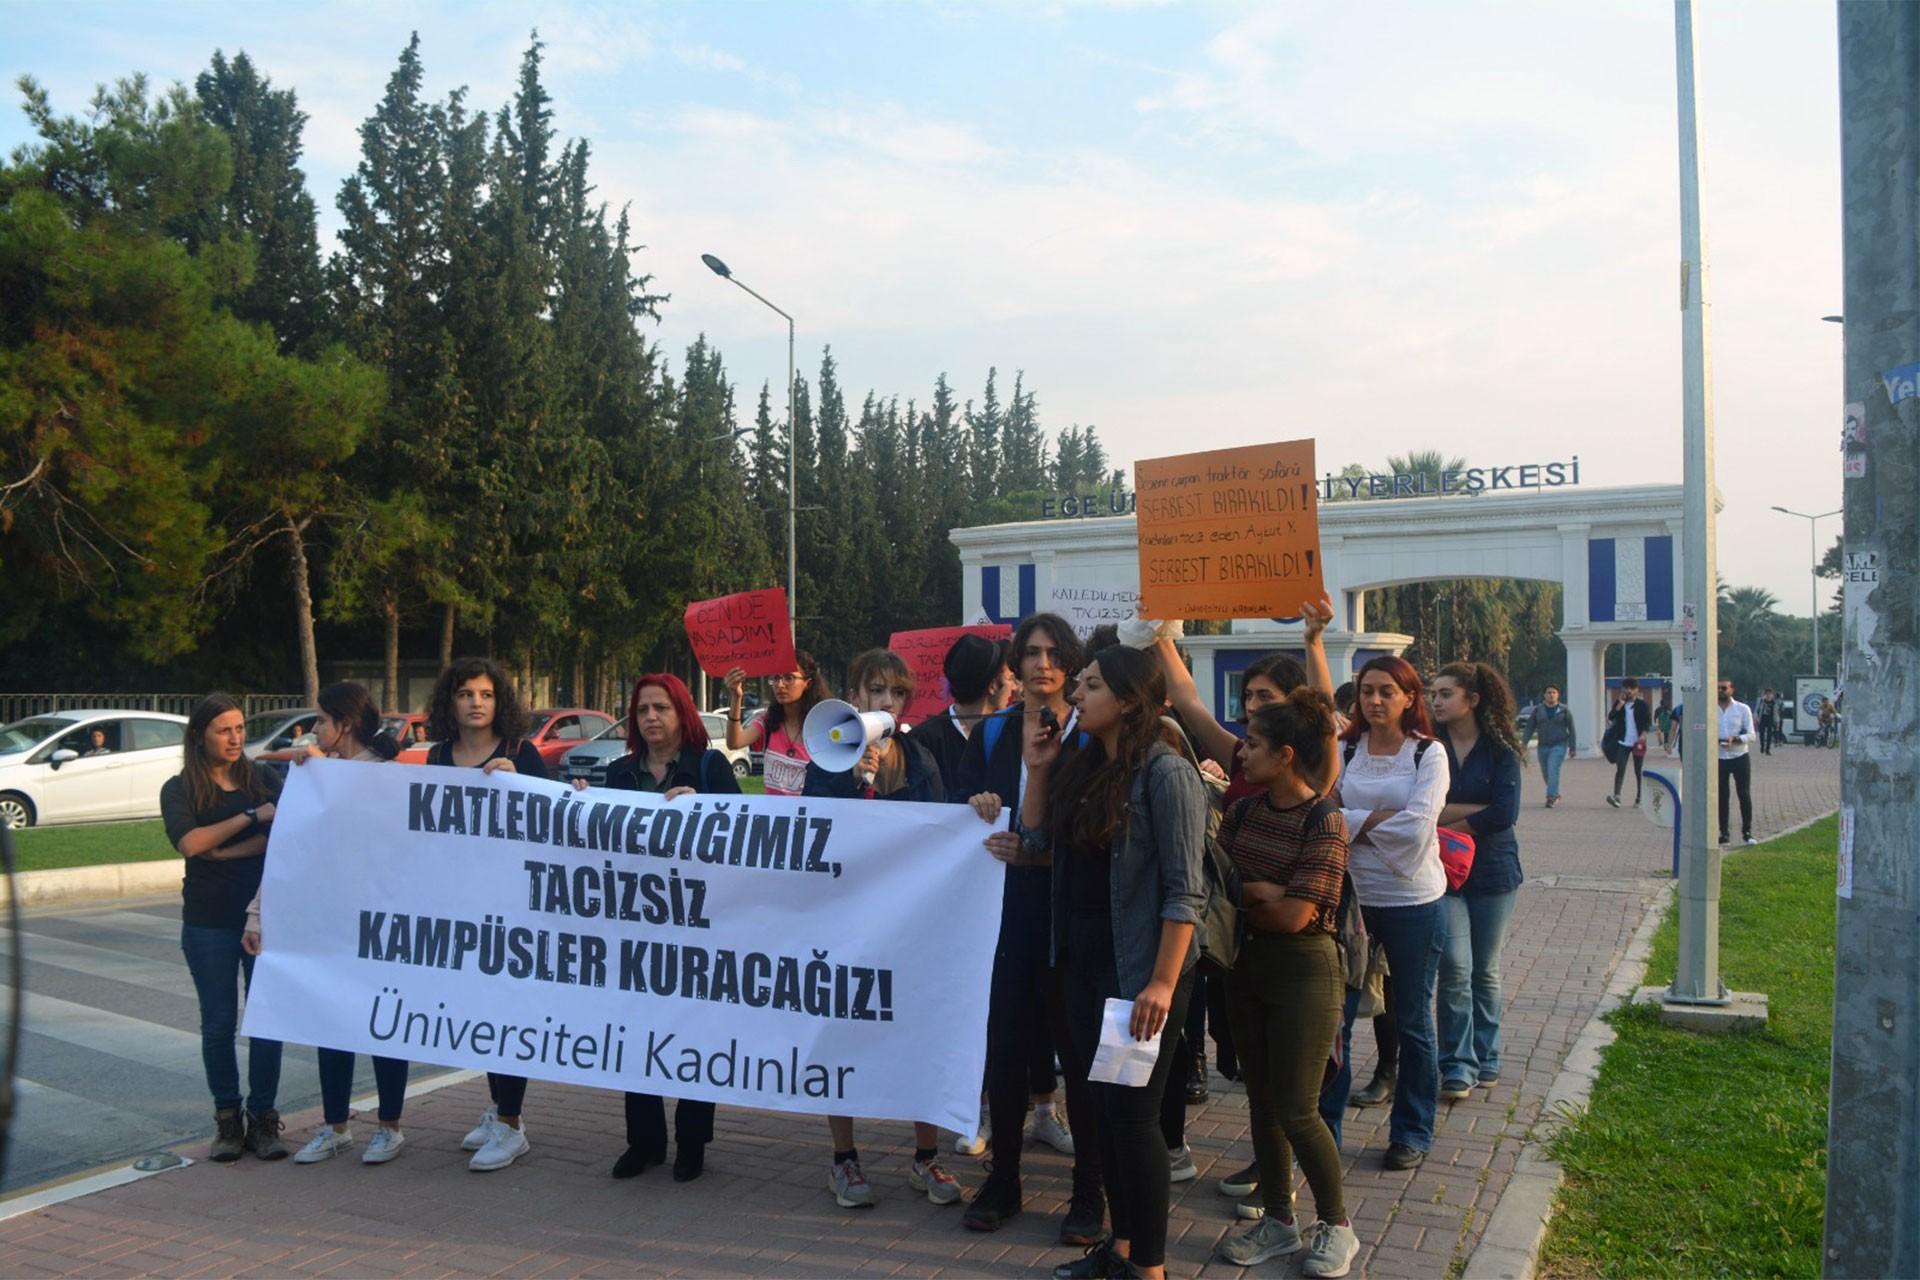 Ege Üniversitesinde kadınlar tacize ses vermeye çağırıyor